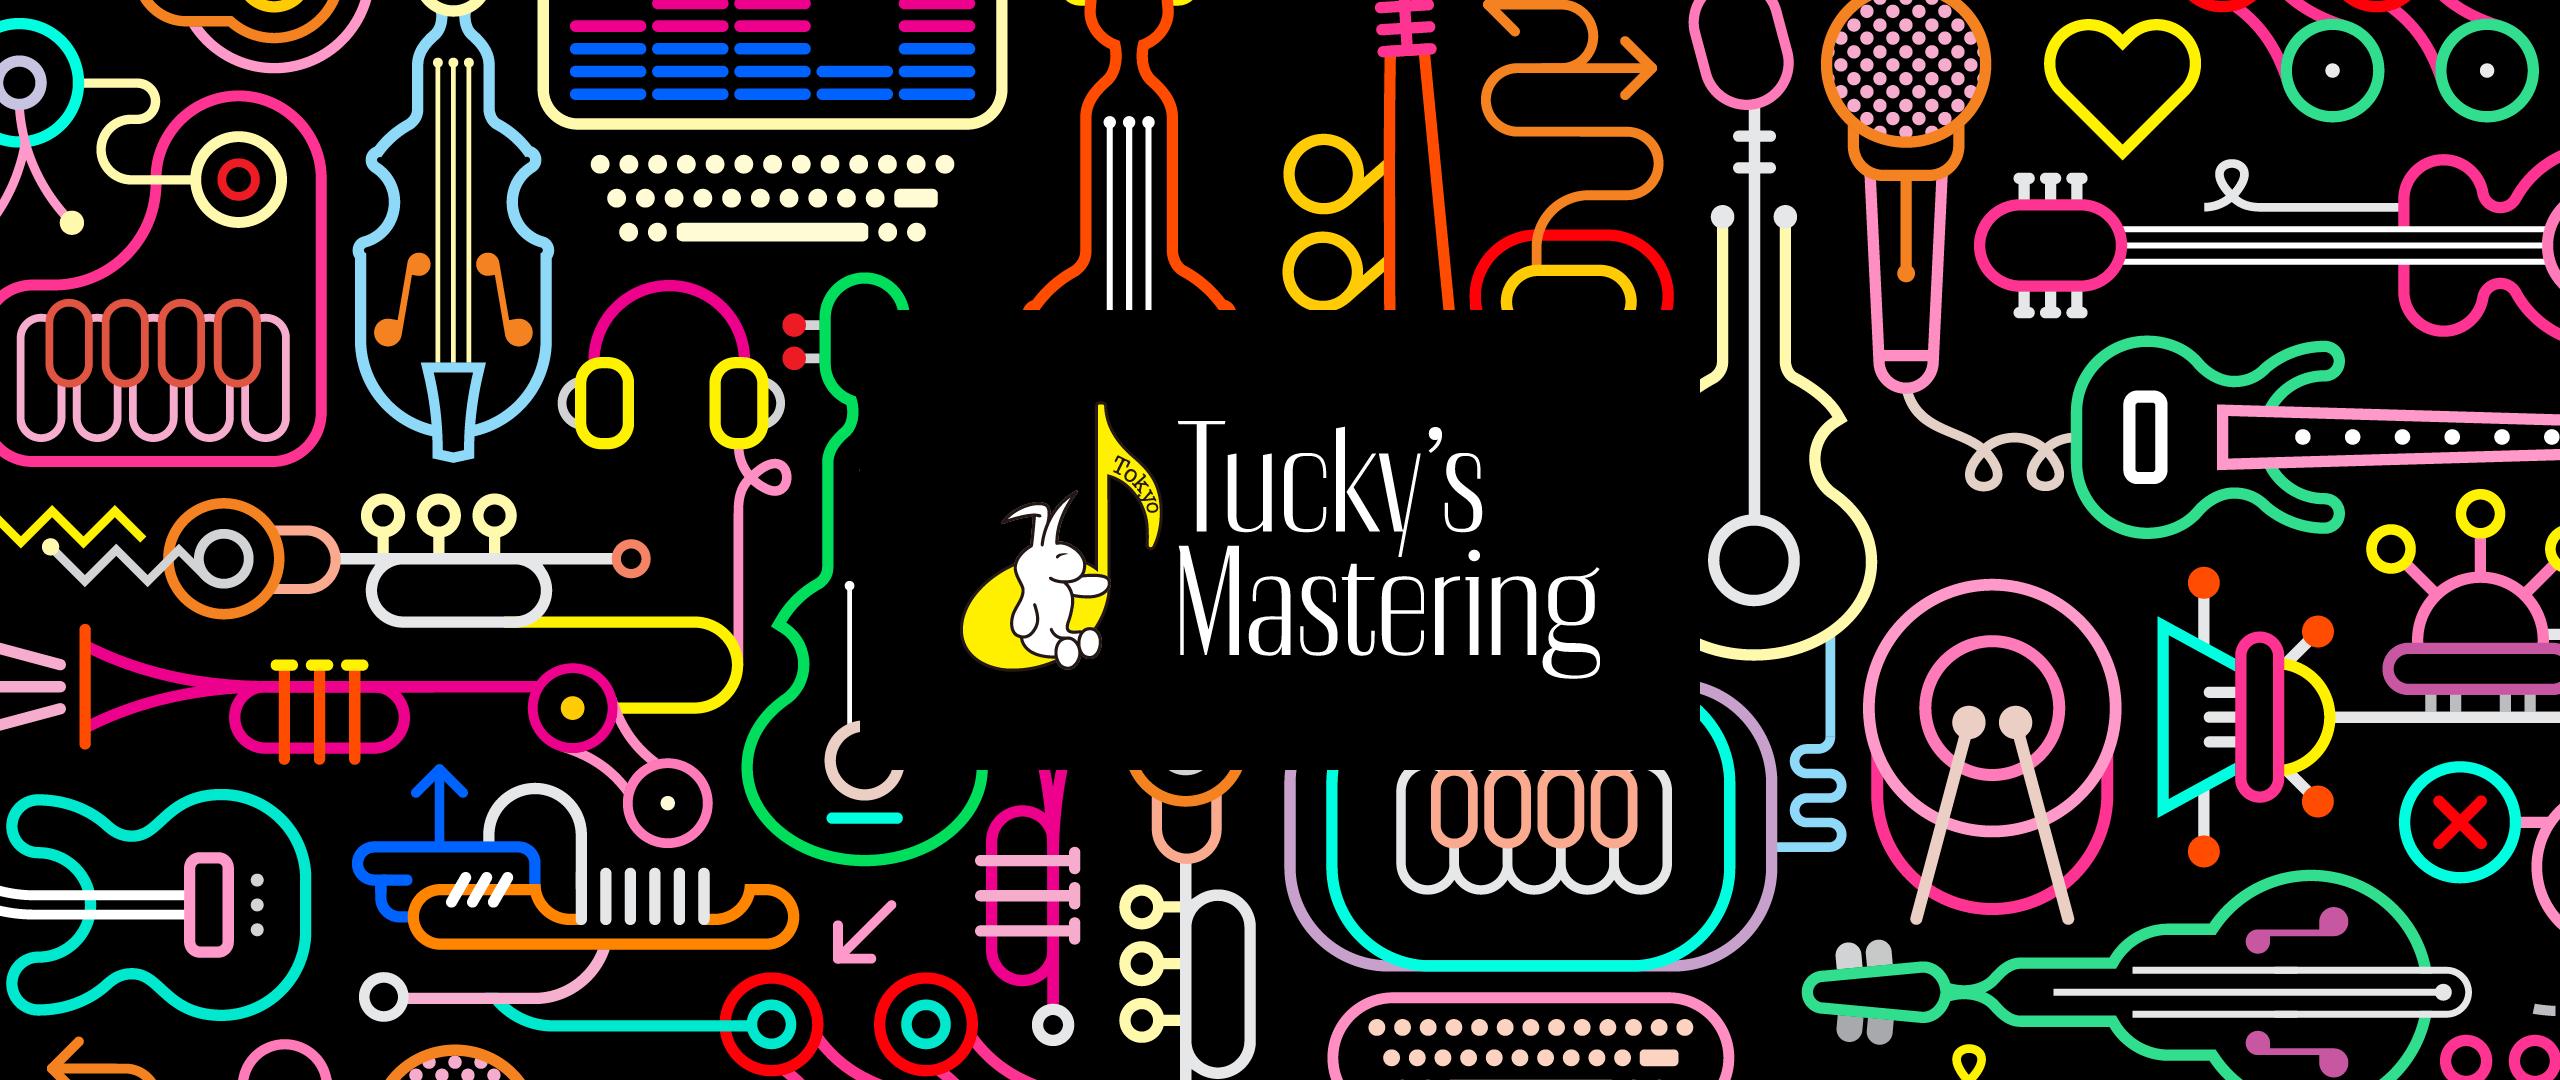 Tucky's Mastering